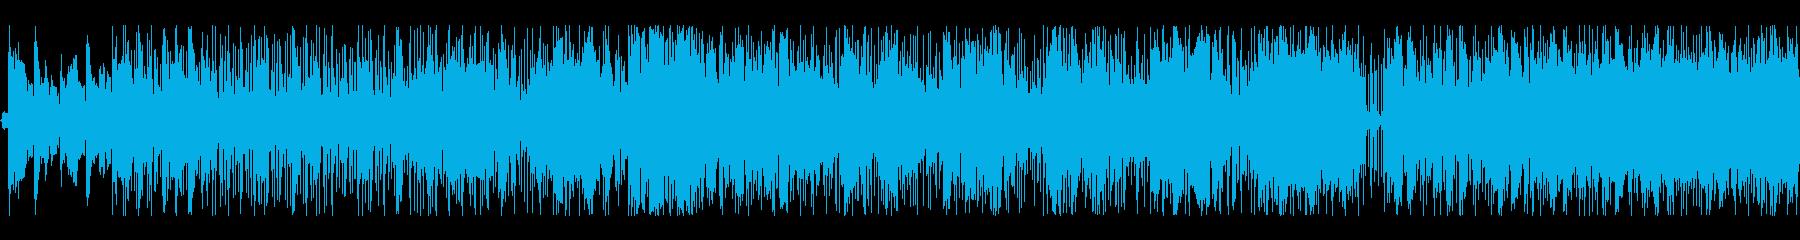 ファンタジーRPGの町、村【ループ可】の再生済みの波形